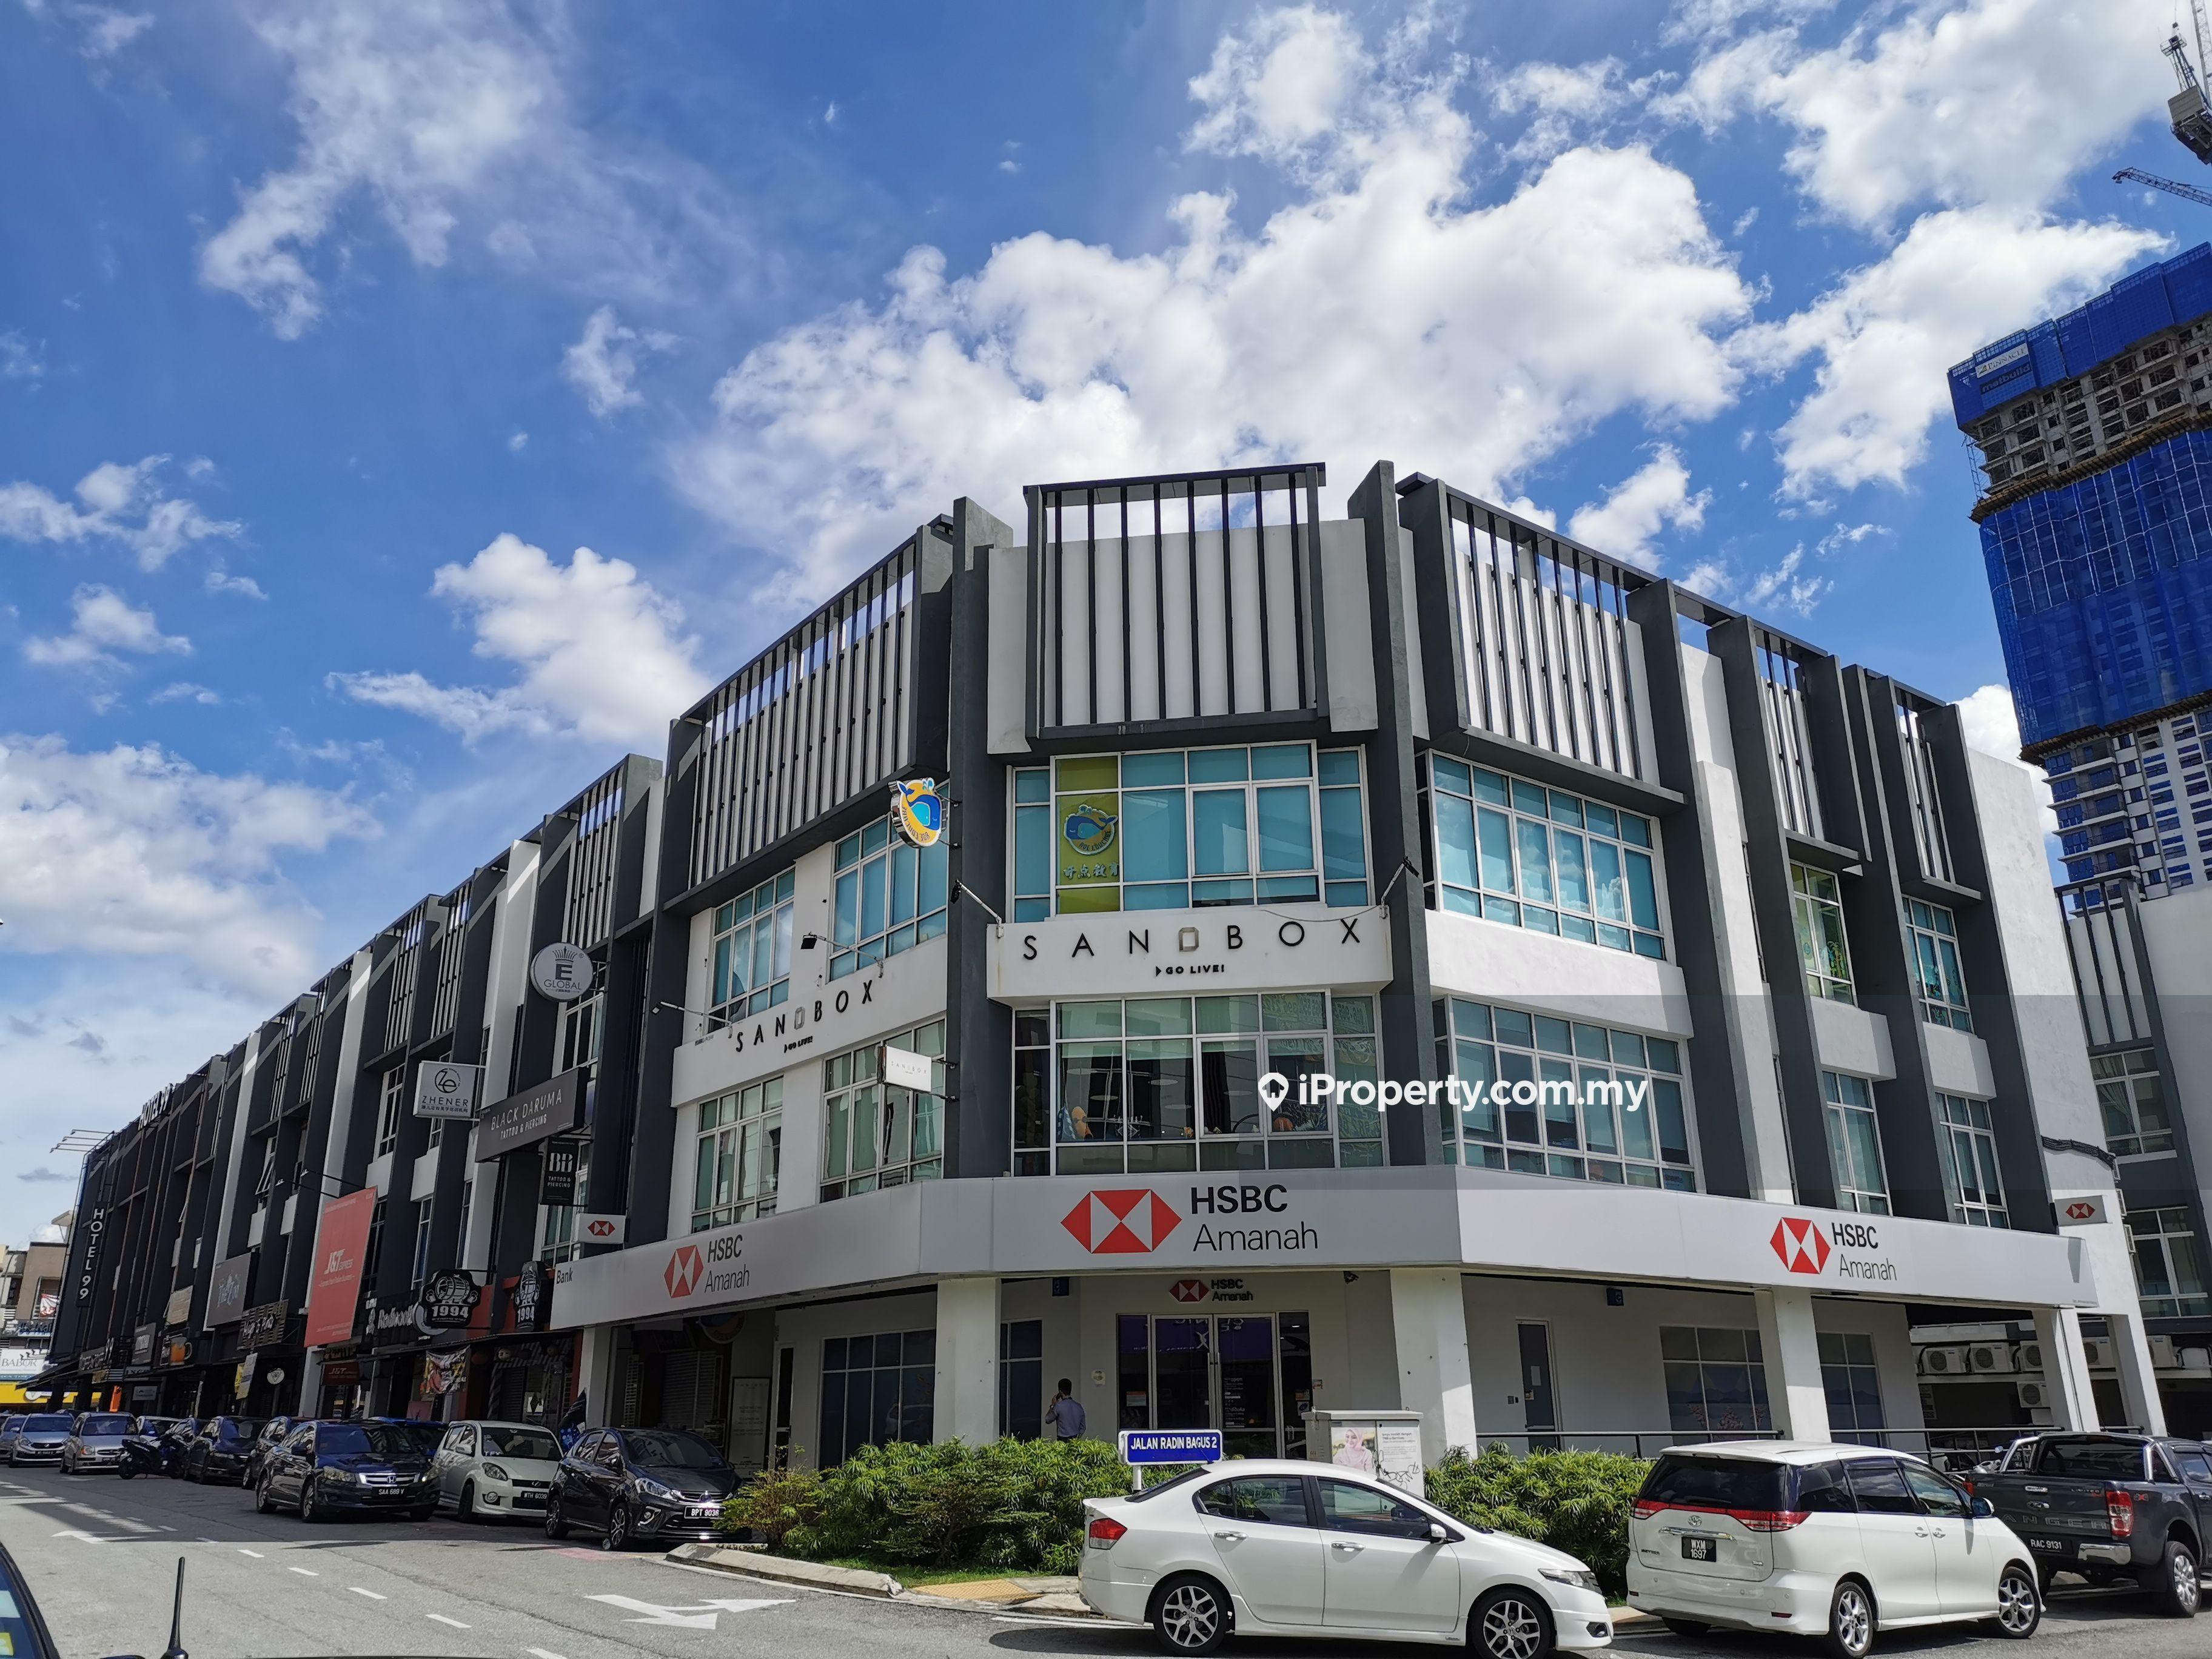 Jln Radin Bagus, Bandar Baru Sri Petaling, Sri Petaling